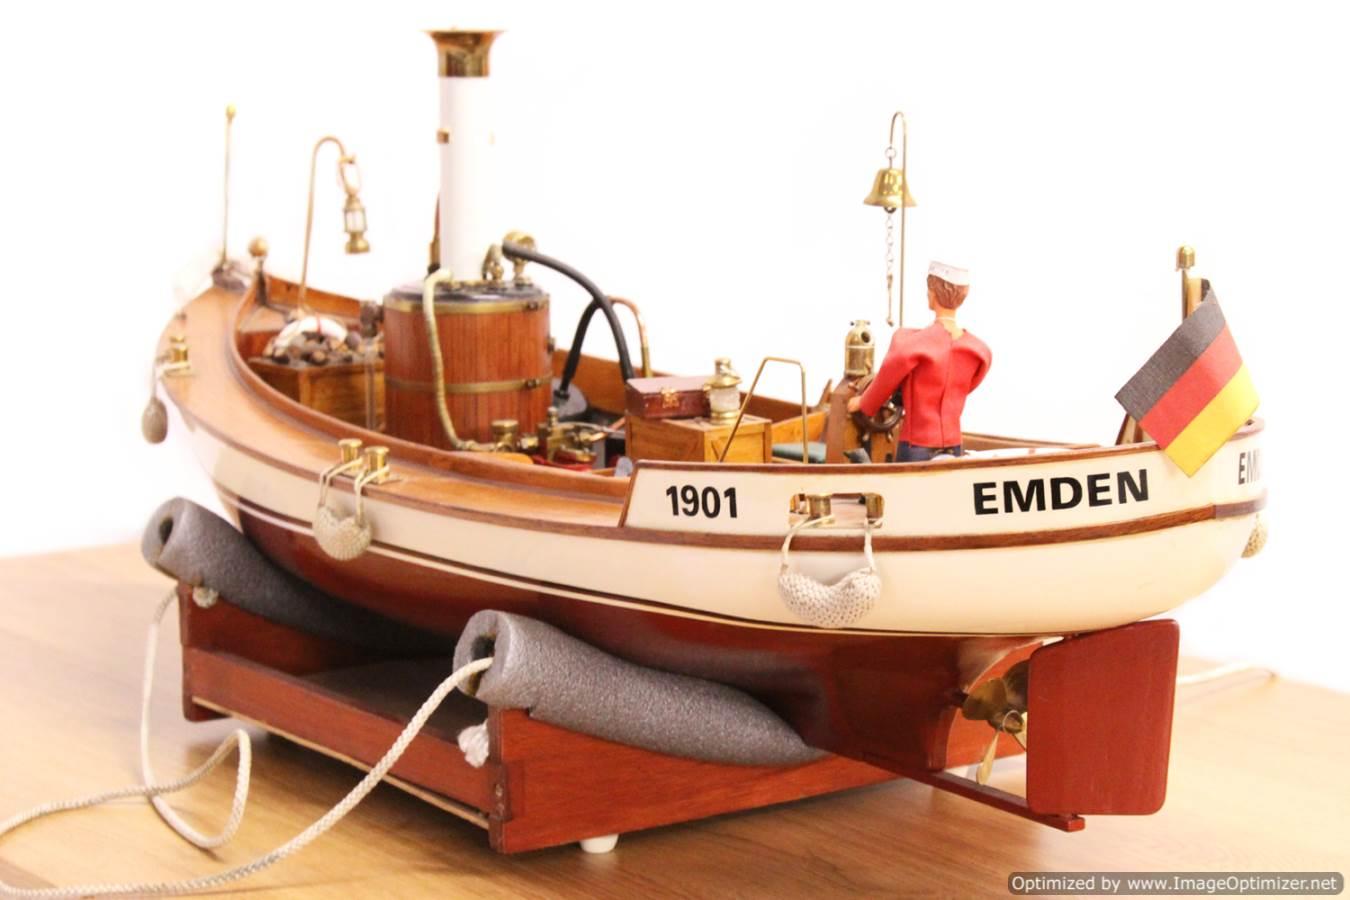 test bockrum-cheddar-steam-boat-live-steam-model-for-sale-25-optimized